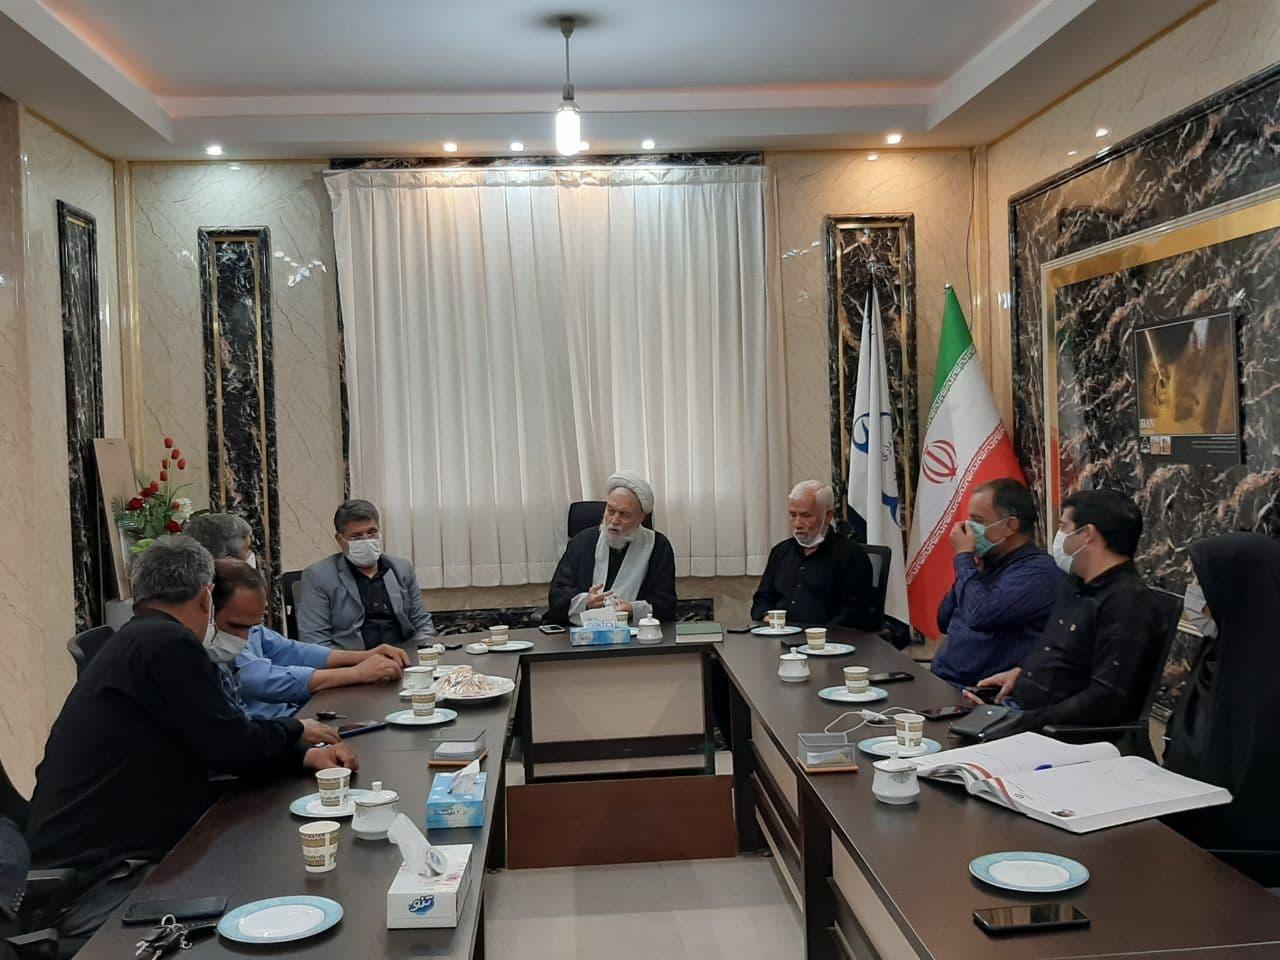 جلسه ساماندهی و تعیین هئیت امناء برای آرامستان و گلزار شهداء سفیدشهر